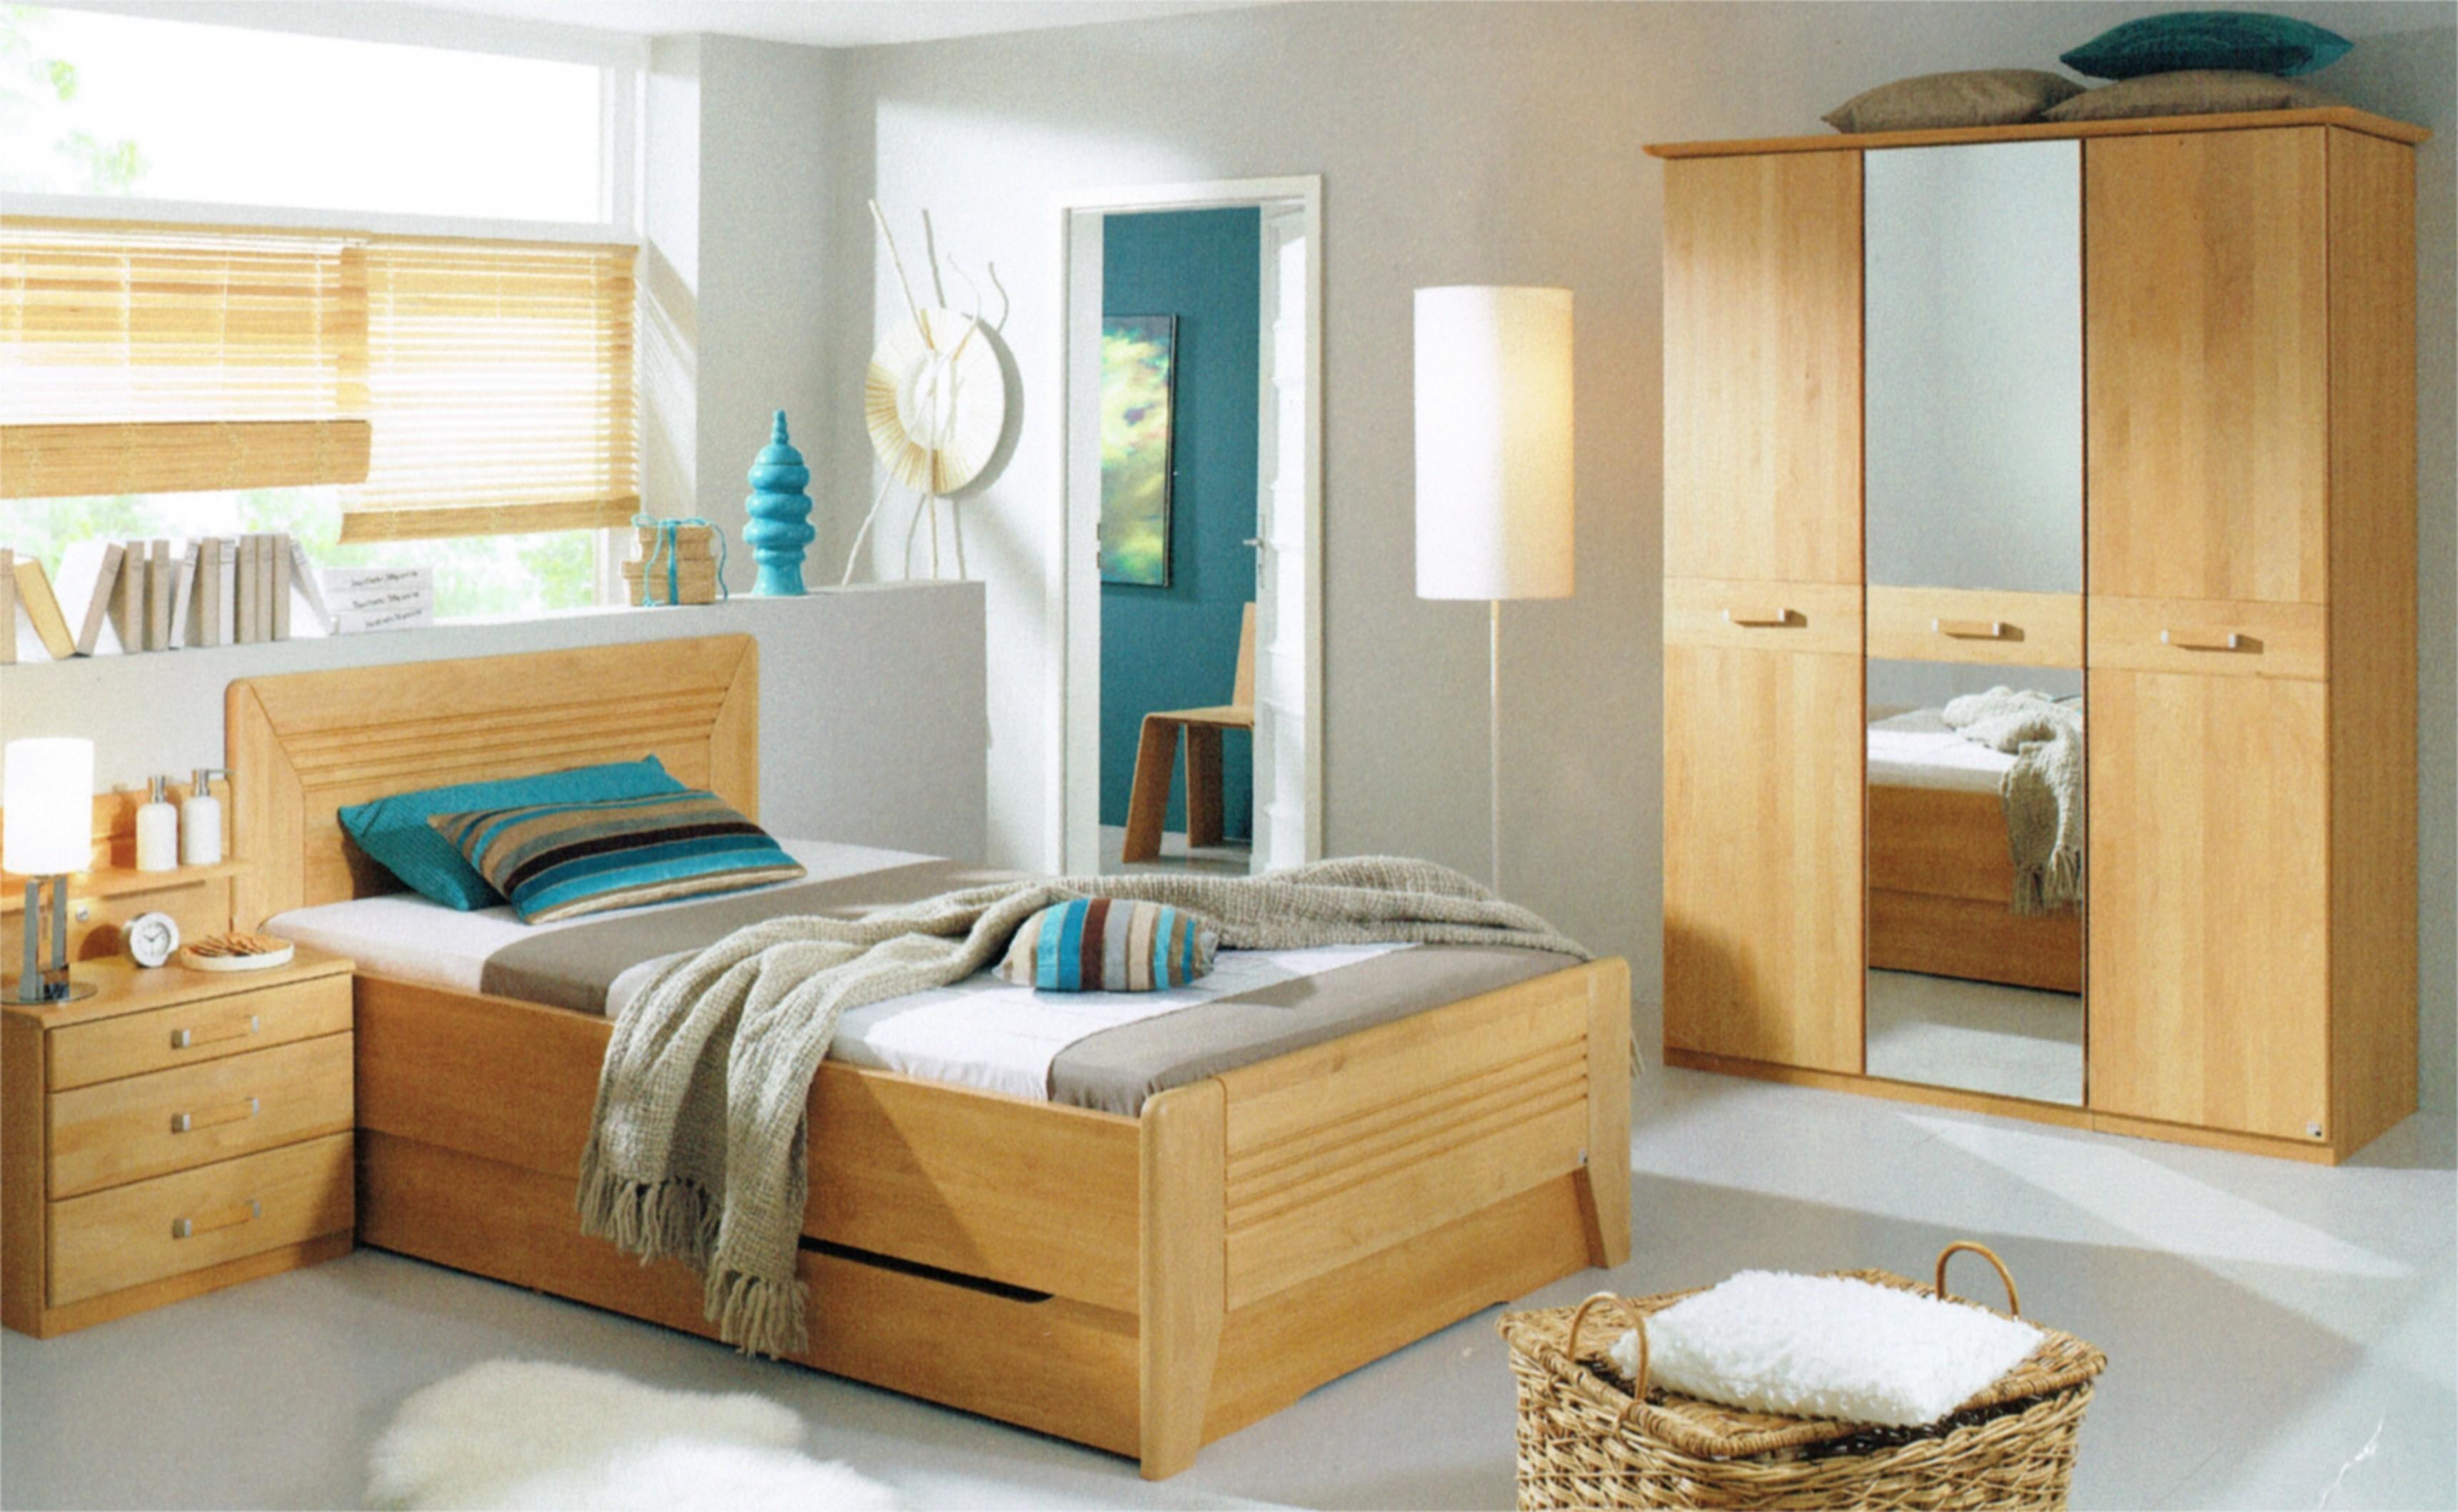 bettenstefan schlafzimmer teilmassiv zu attraktiven preisen. Black Bedroom Furniture Sets. Home Design Ideas